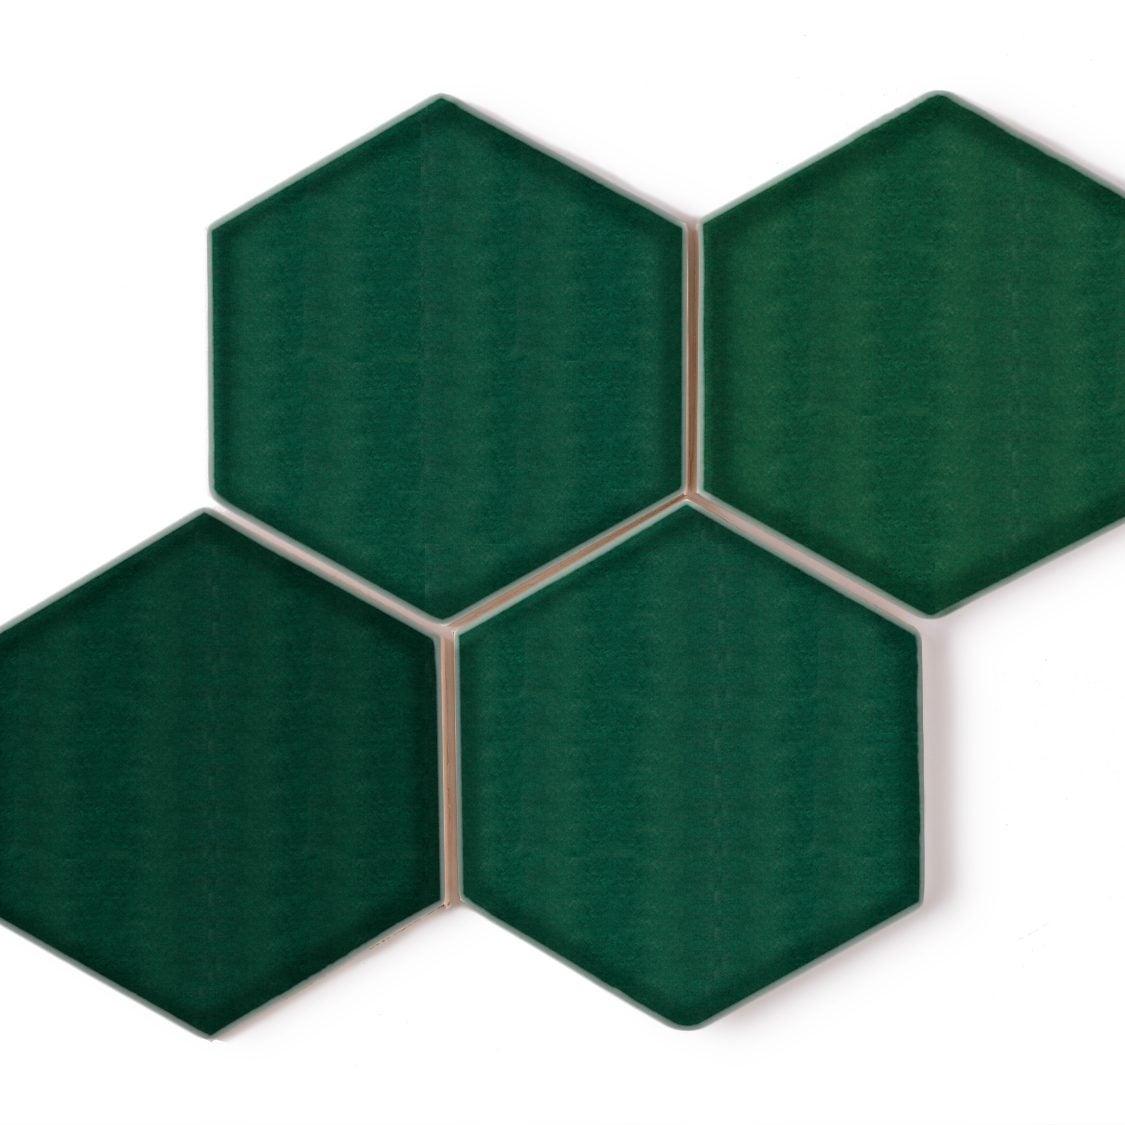 venetian_green_6_hexagon_composition_rendering